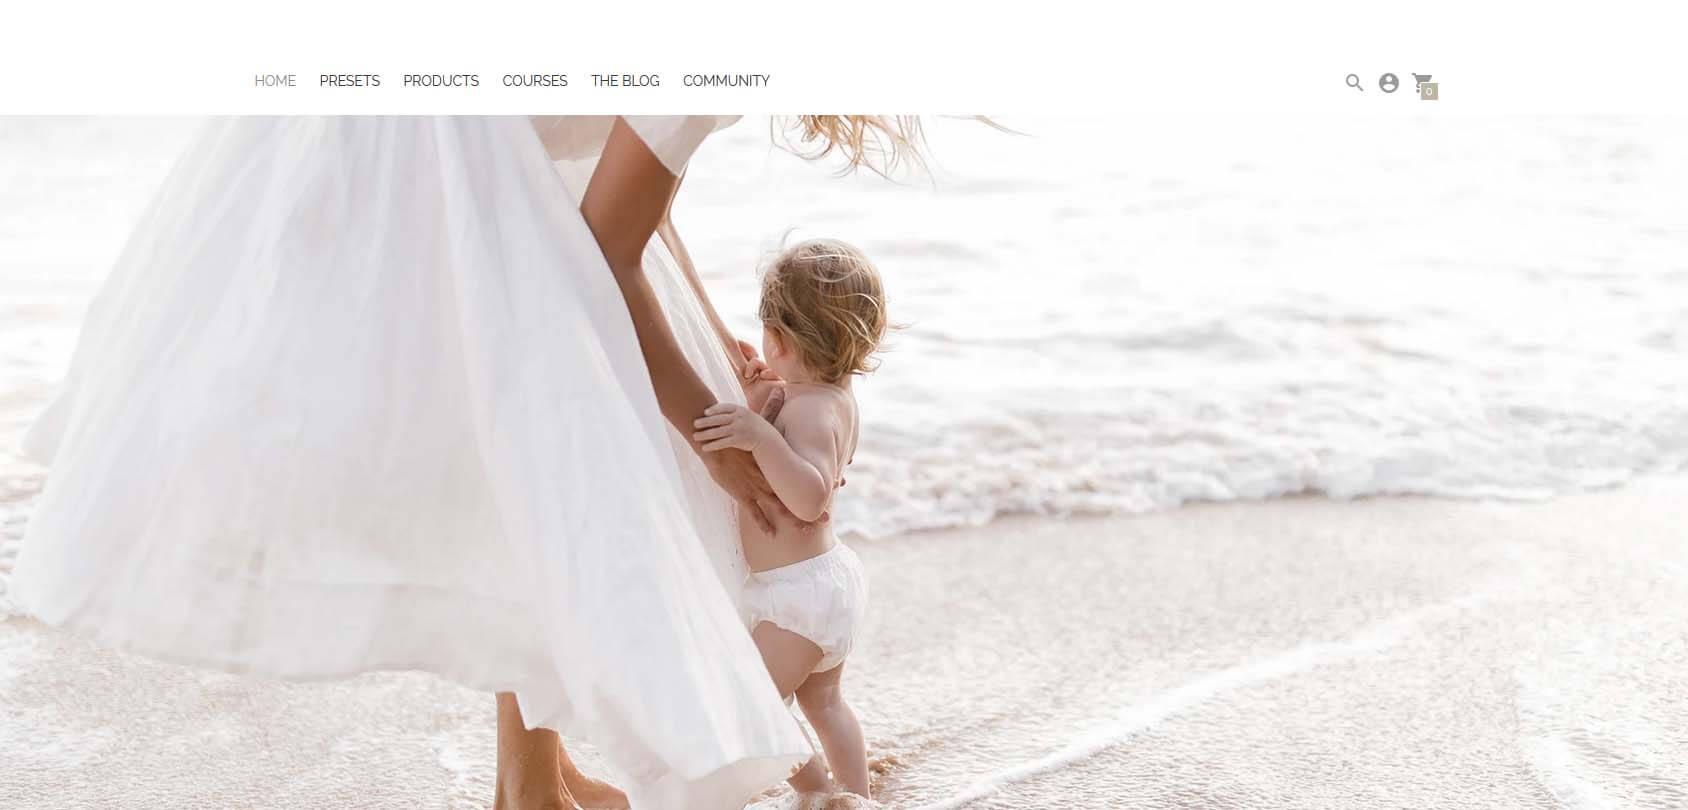 Modern Market homepage